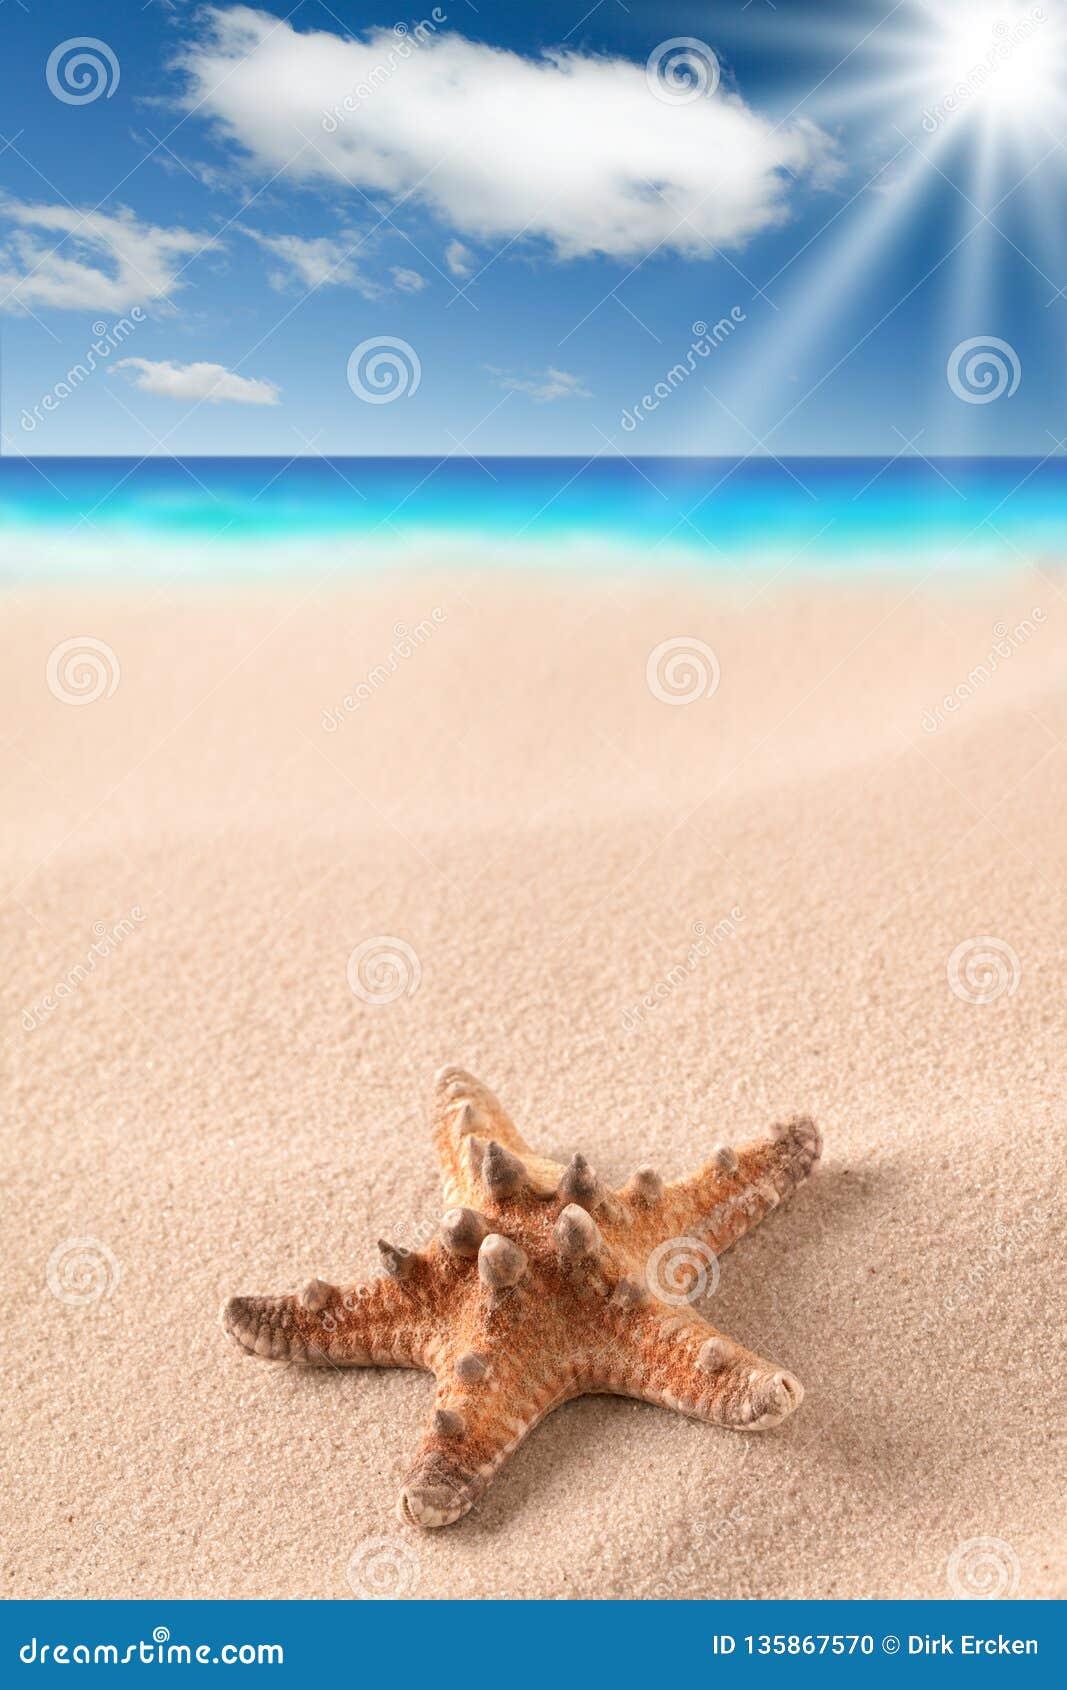 Stelle marine del mare sulla spiaggia sabbiosa